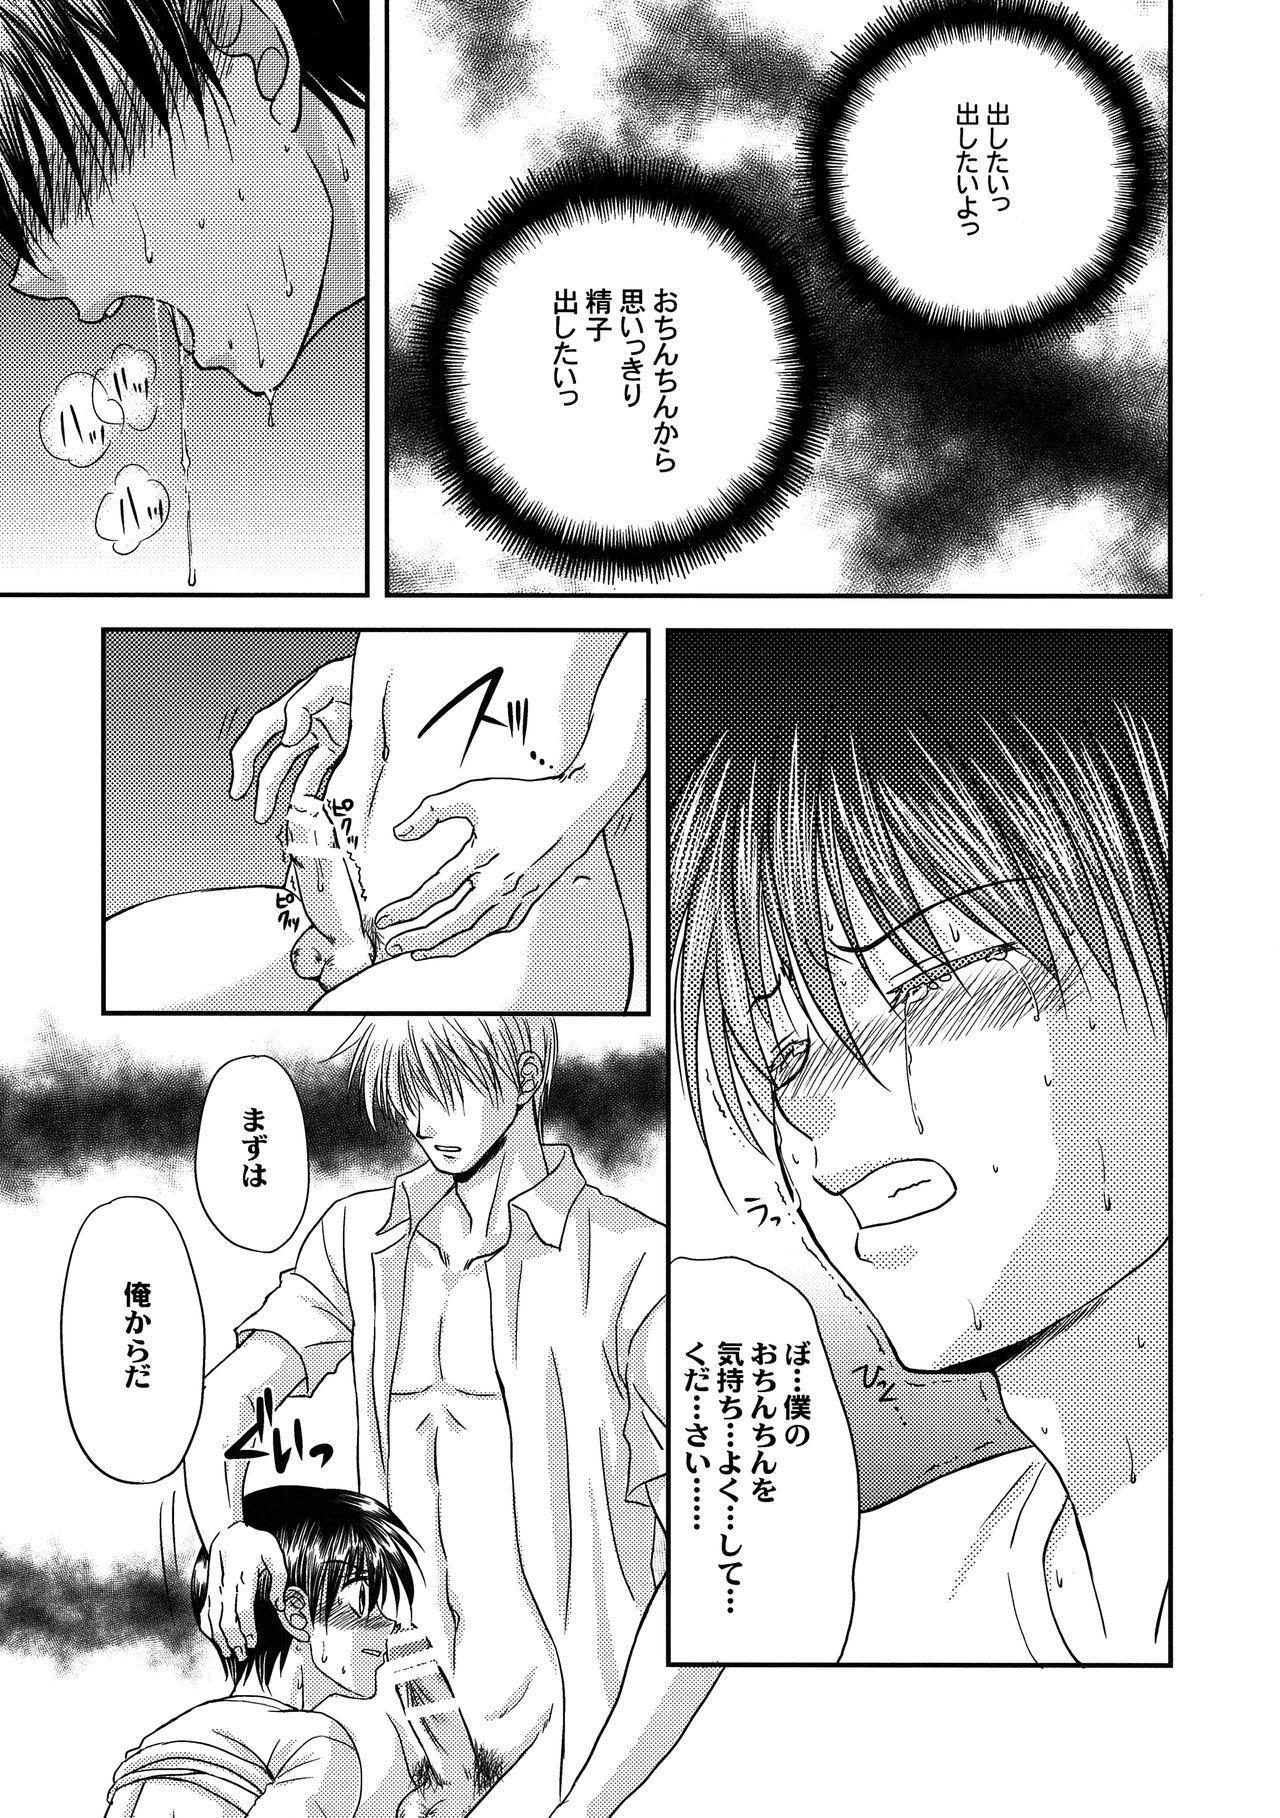 Bishounen Kinbaku Nisshi 13 29